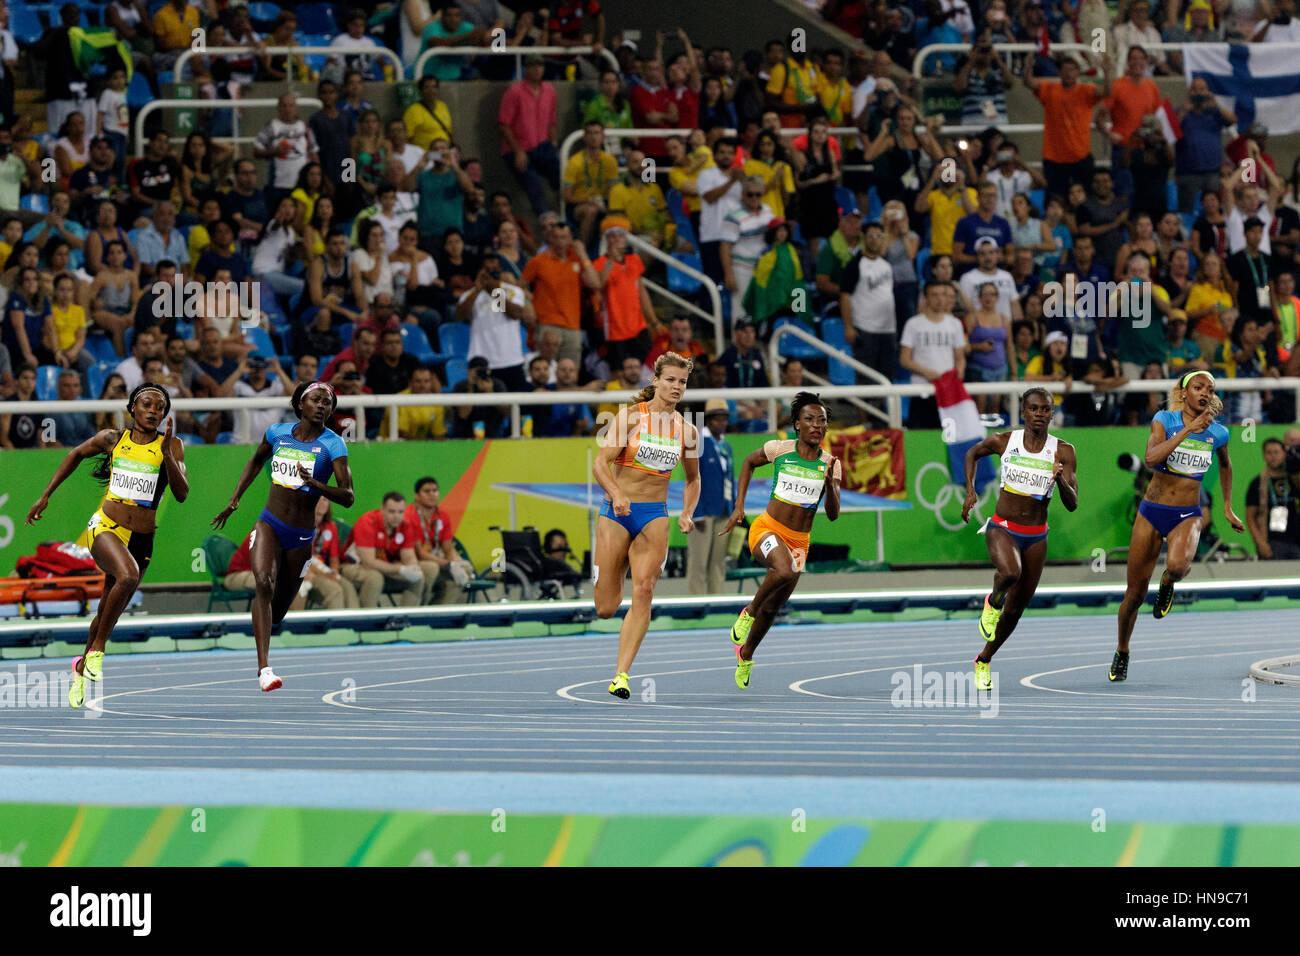 Rio de Janeiro, Brasile. Il 17 agosto 2016. Atletica, Donne 200m finali all'2016 Olimpiadi estive. ©Paul Immagini Stock